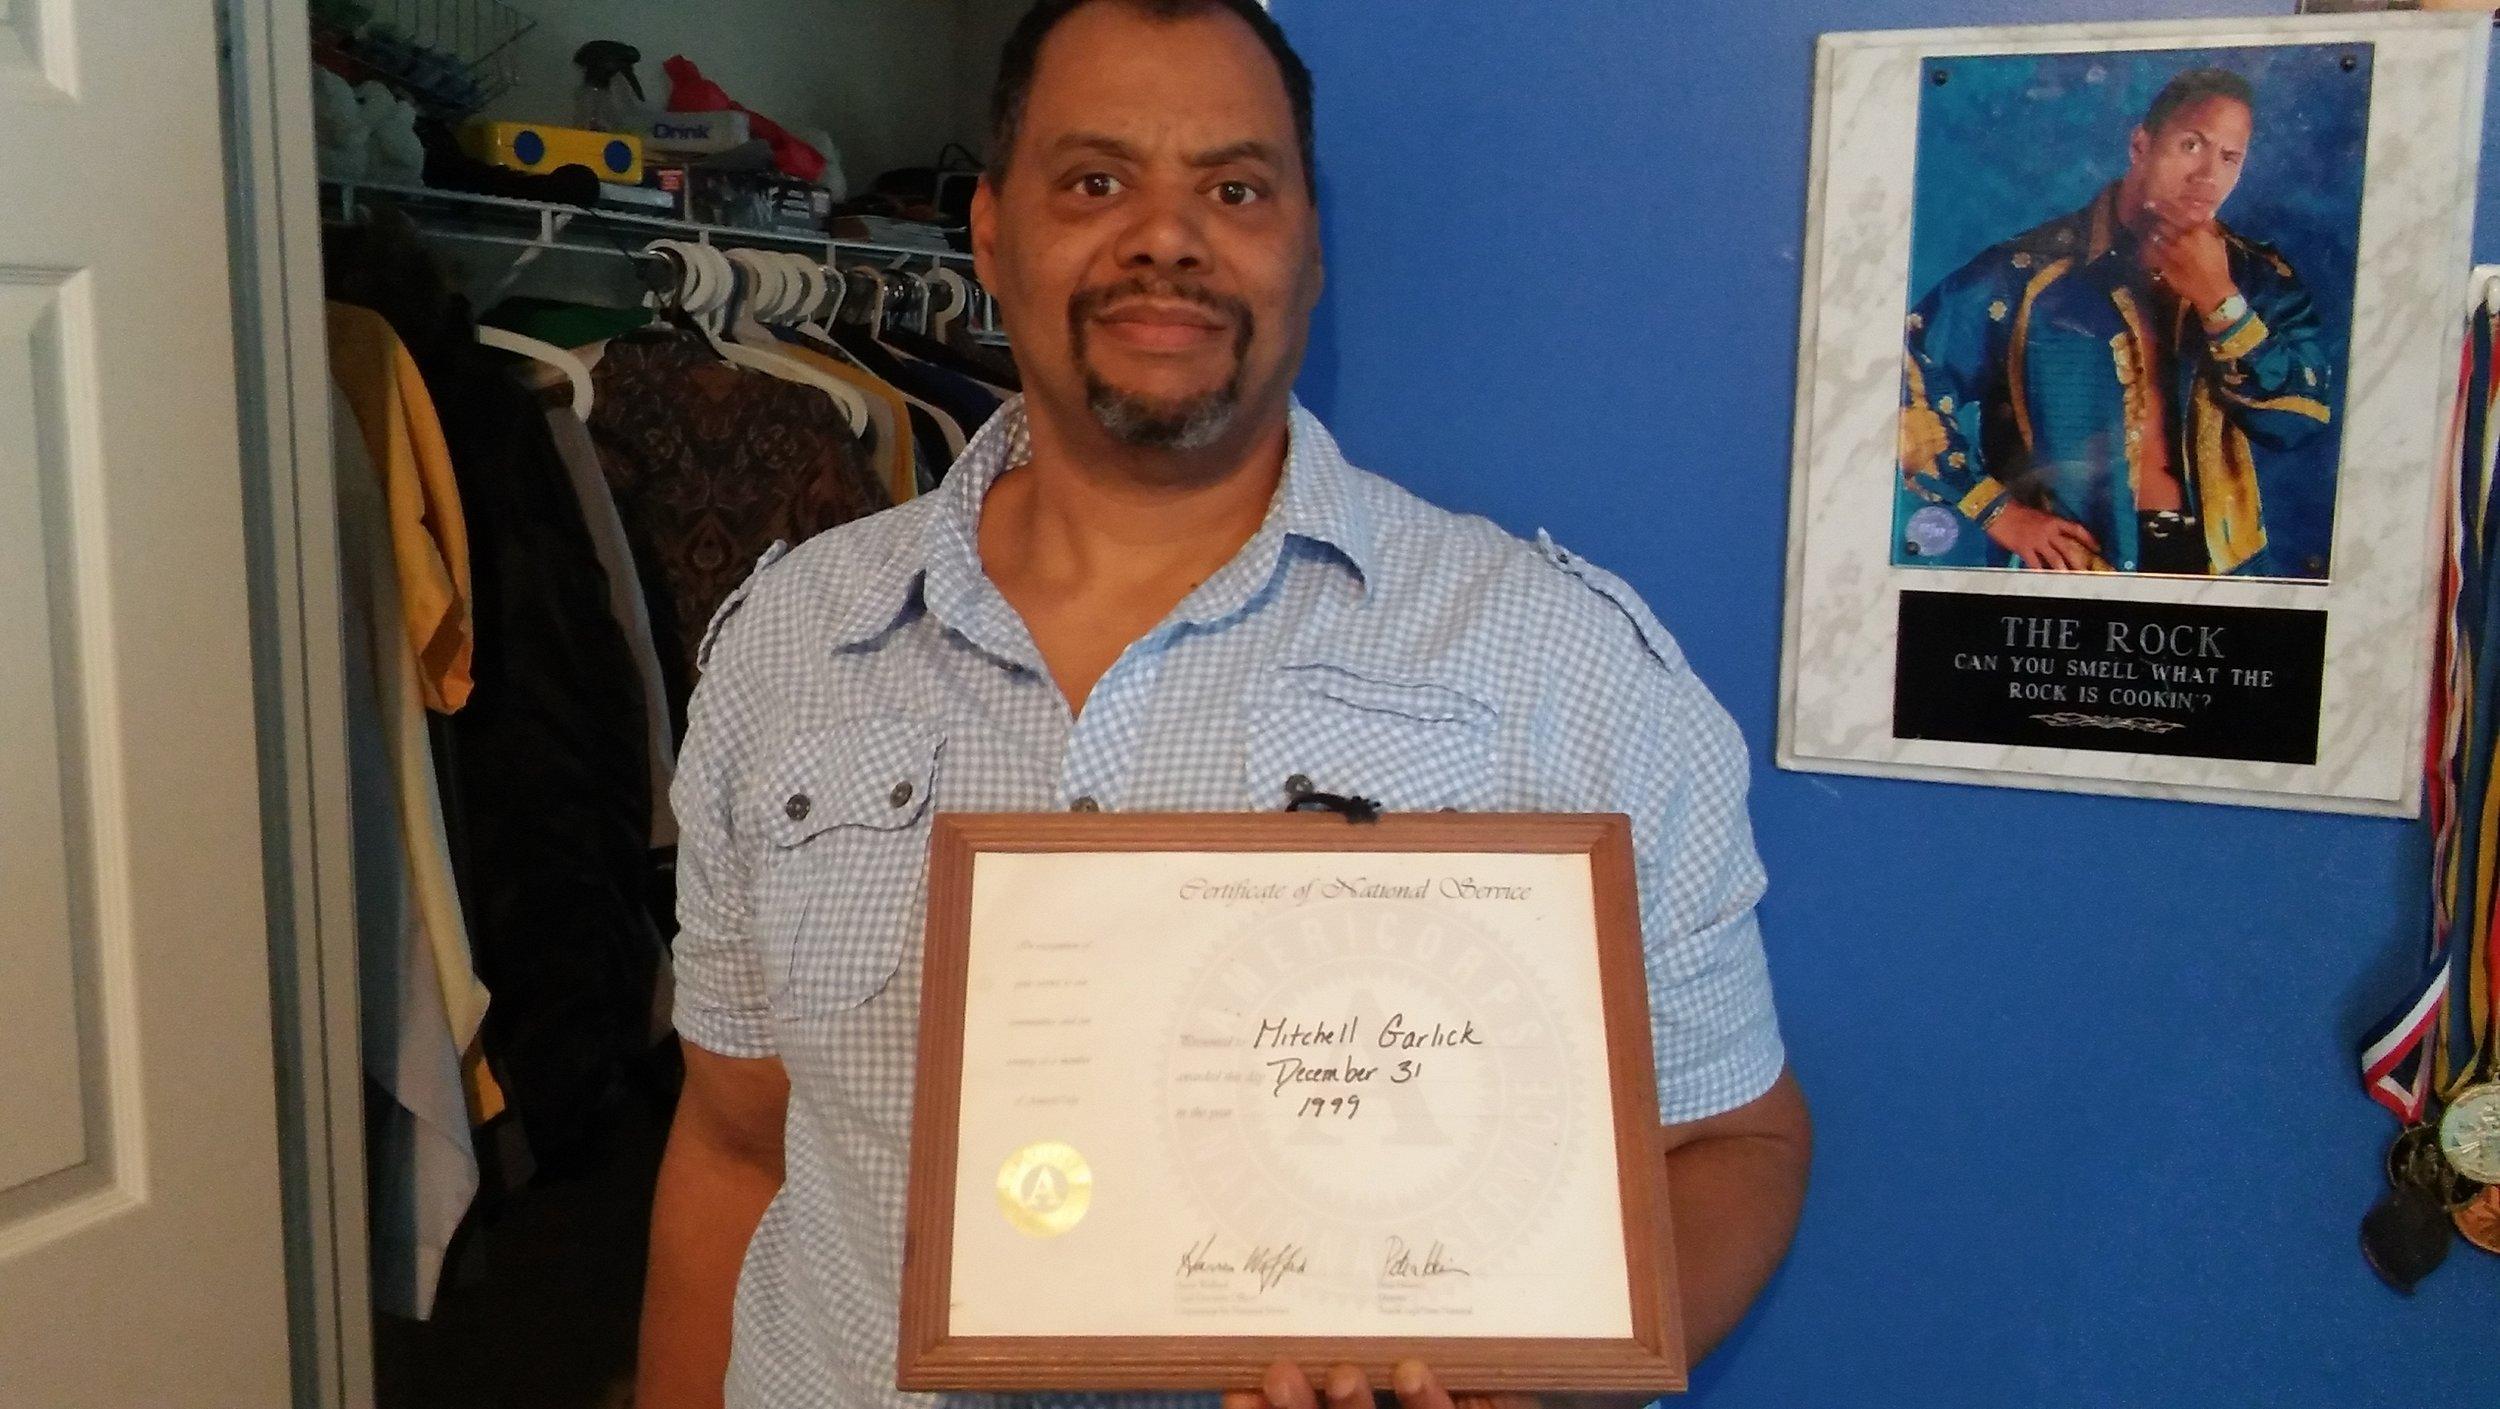 Recognizing important achievements